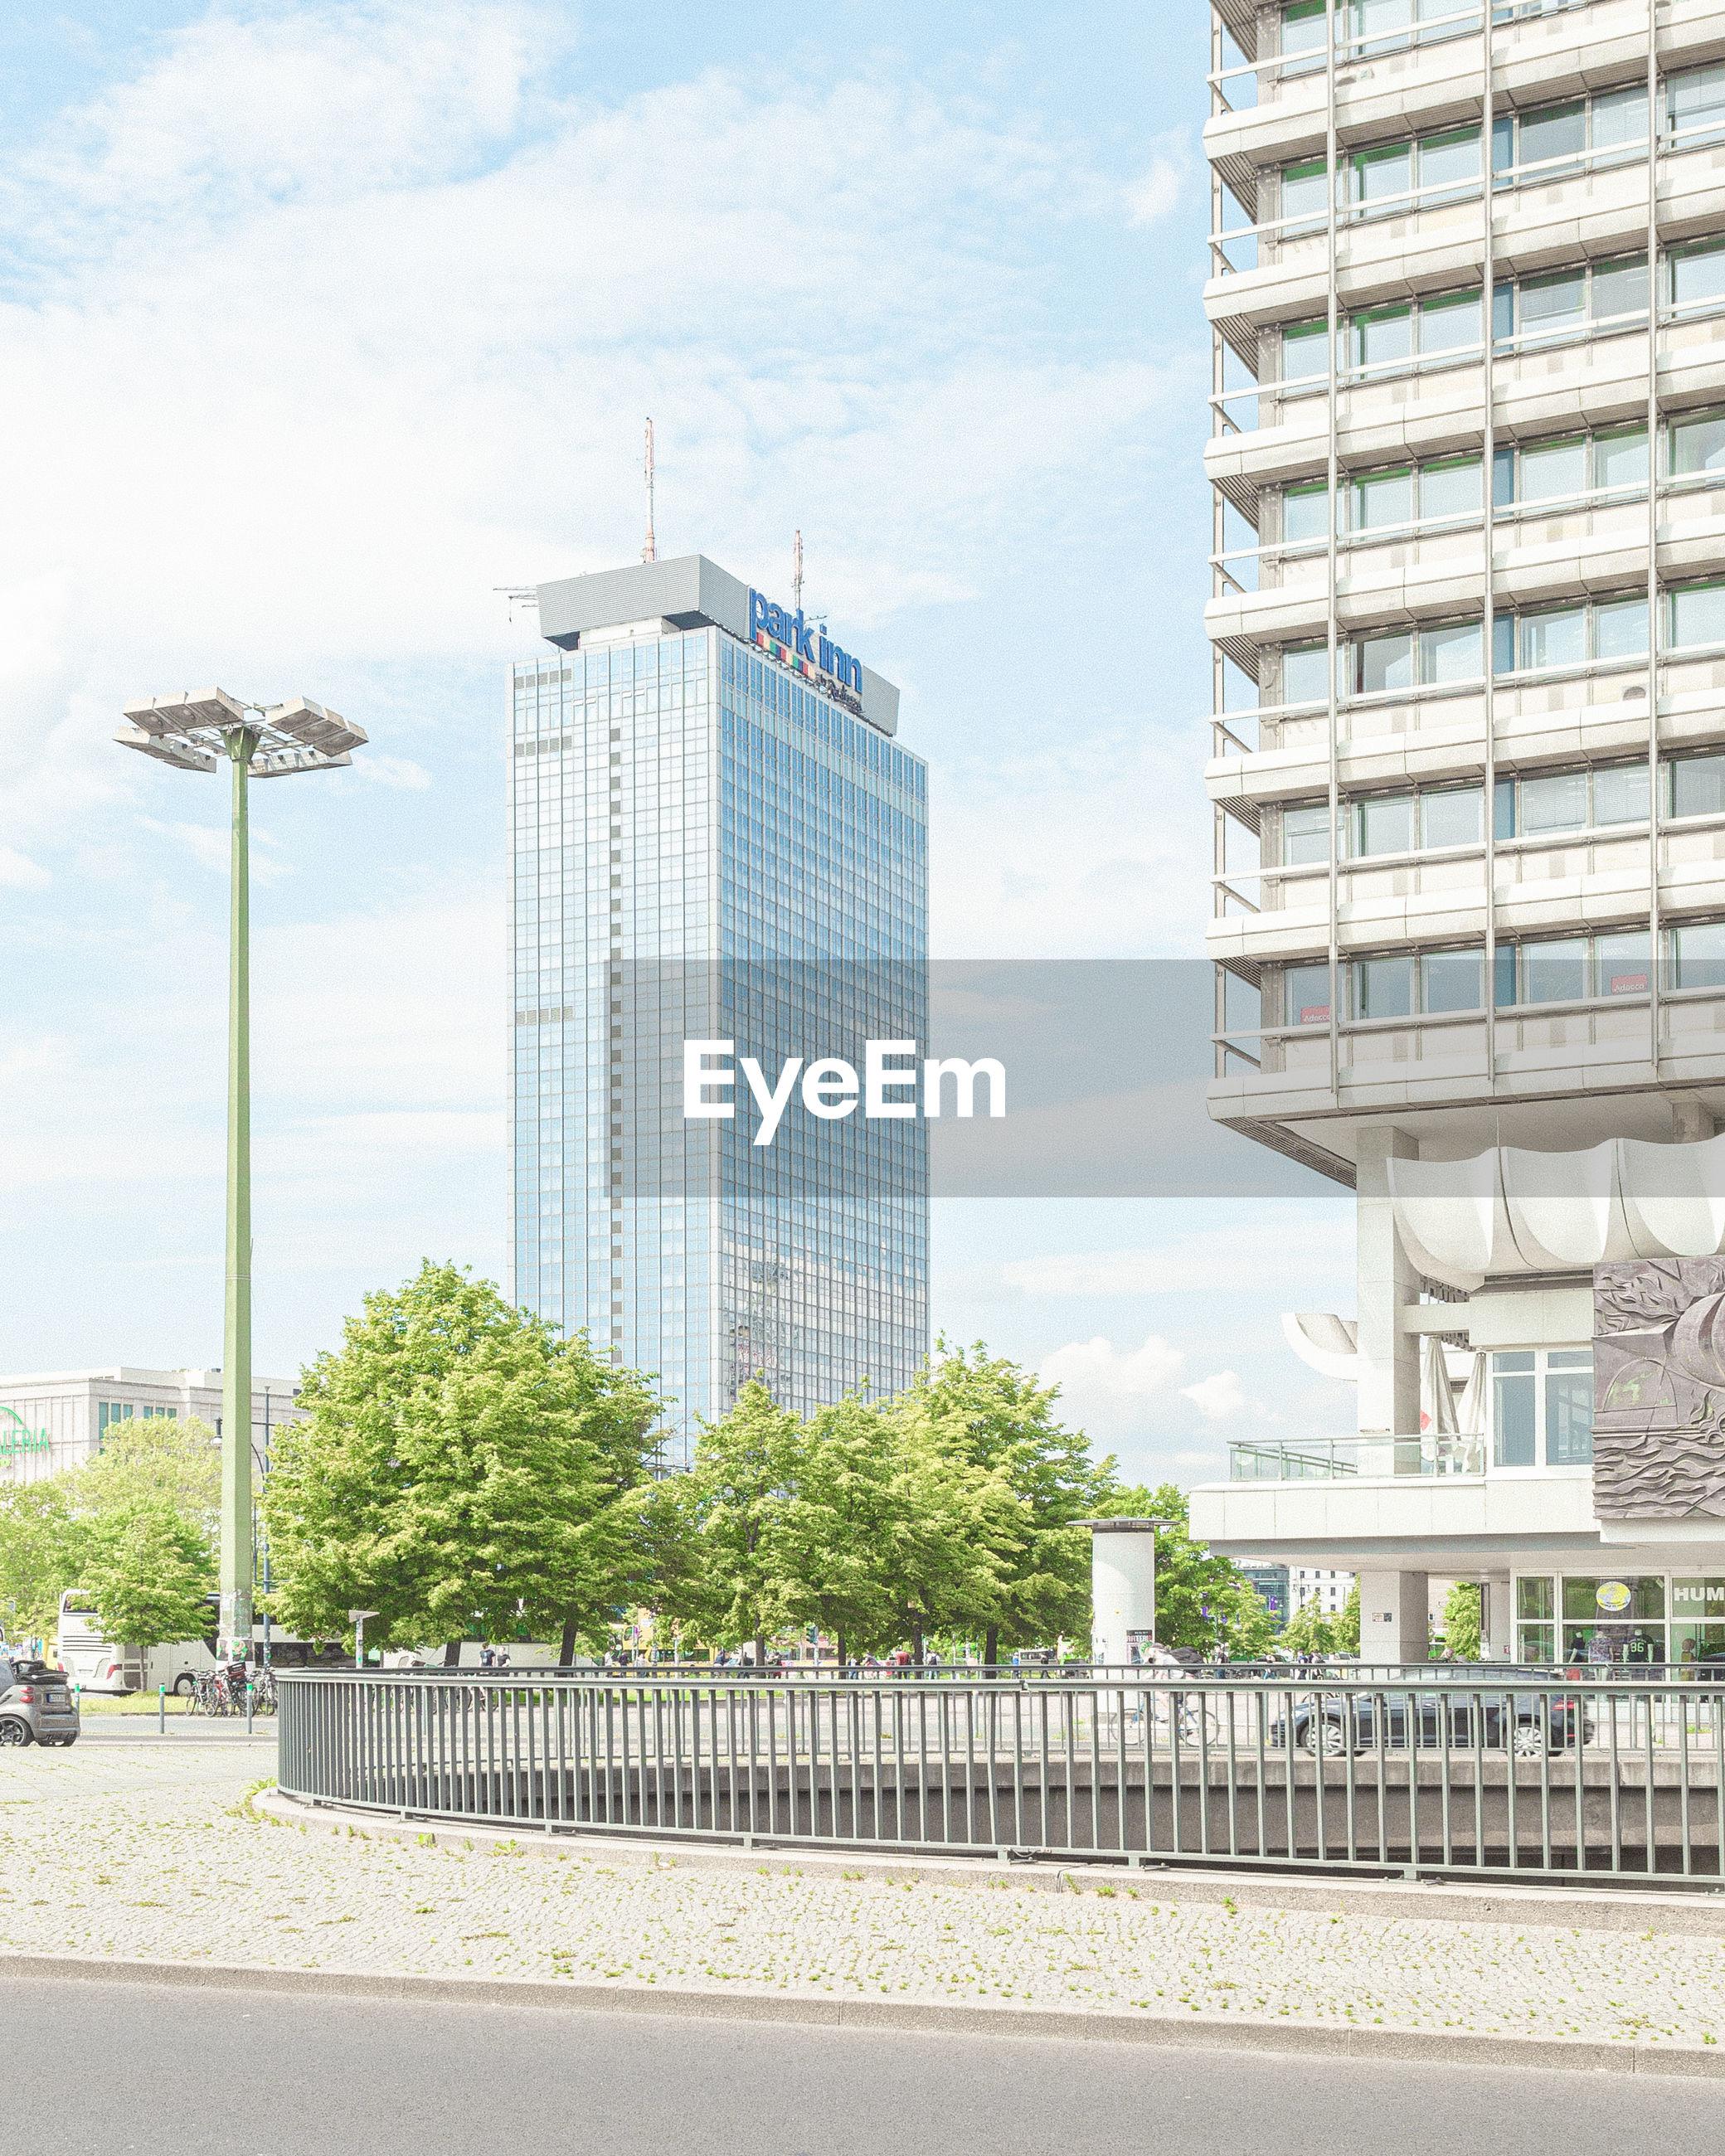 MODERN BUILDINGS BY STREET AGAINST SKY